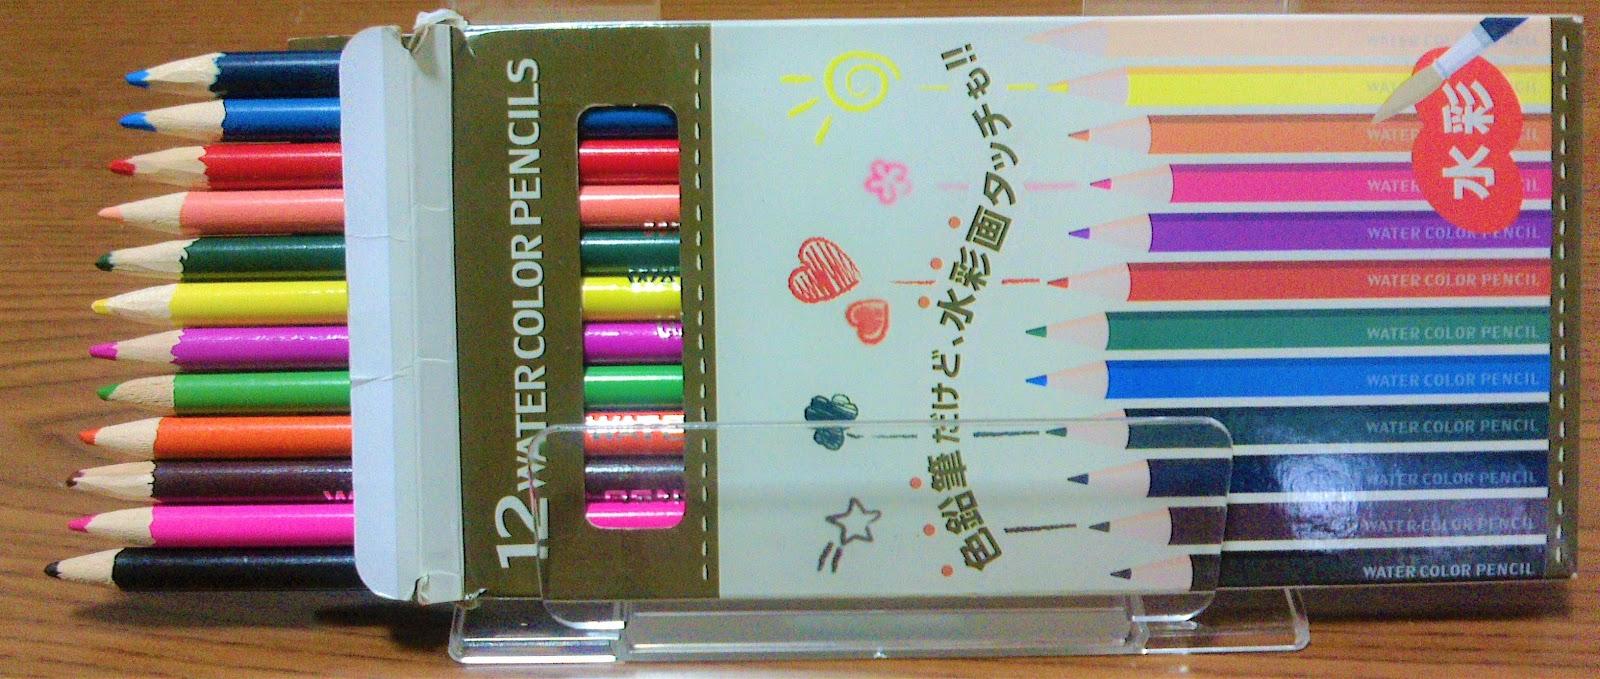 Seriaの水彩色鉛筆で色見本&混色の練習   もっと塗りたい!大人の塗り絵ブログ